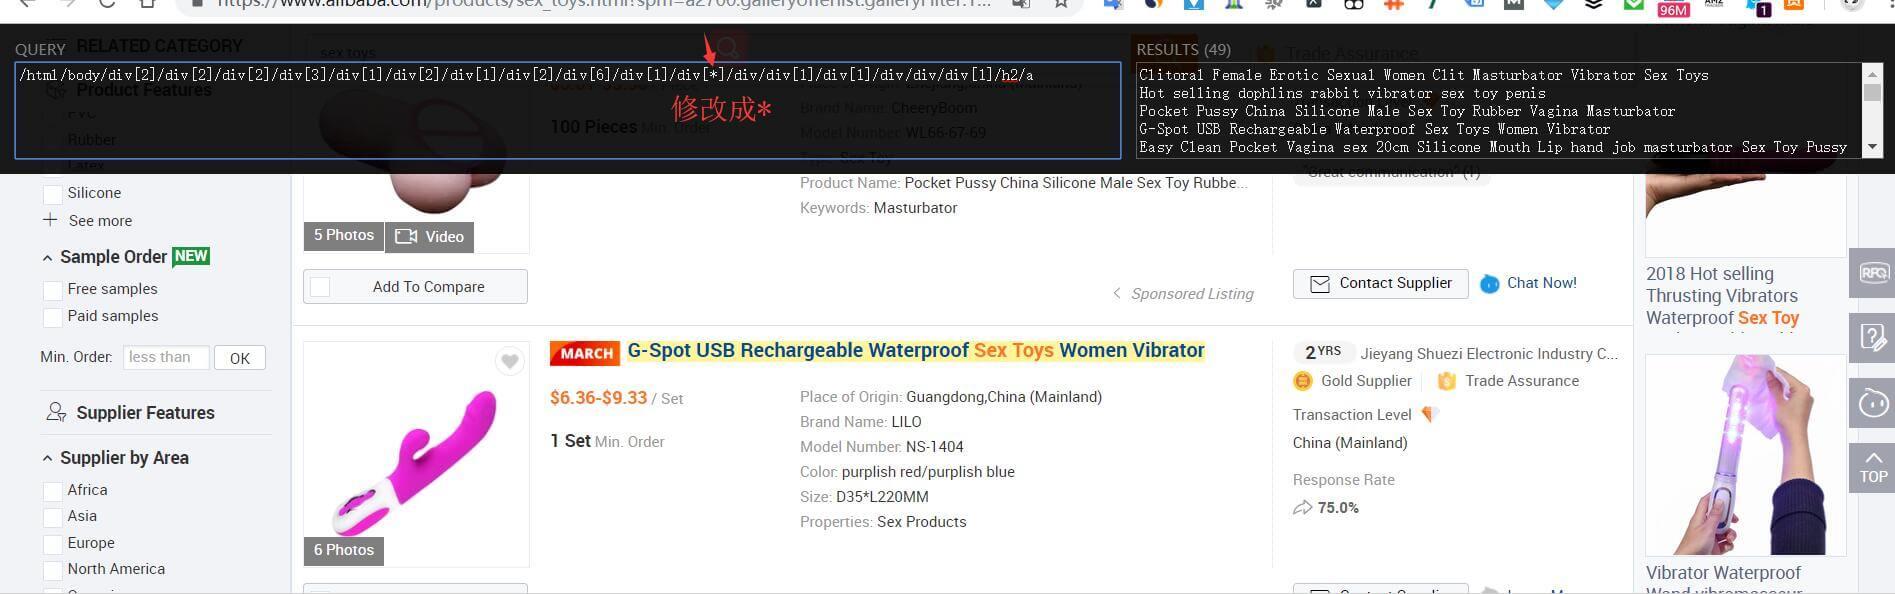 阿里巴巴国际站运营工具利用xpath插件提取关键词或标题 13